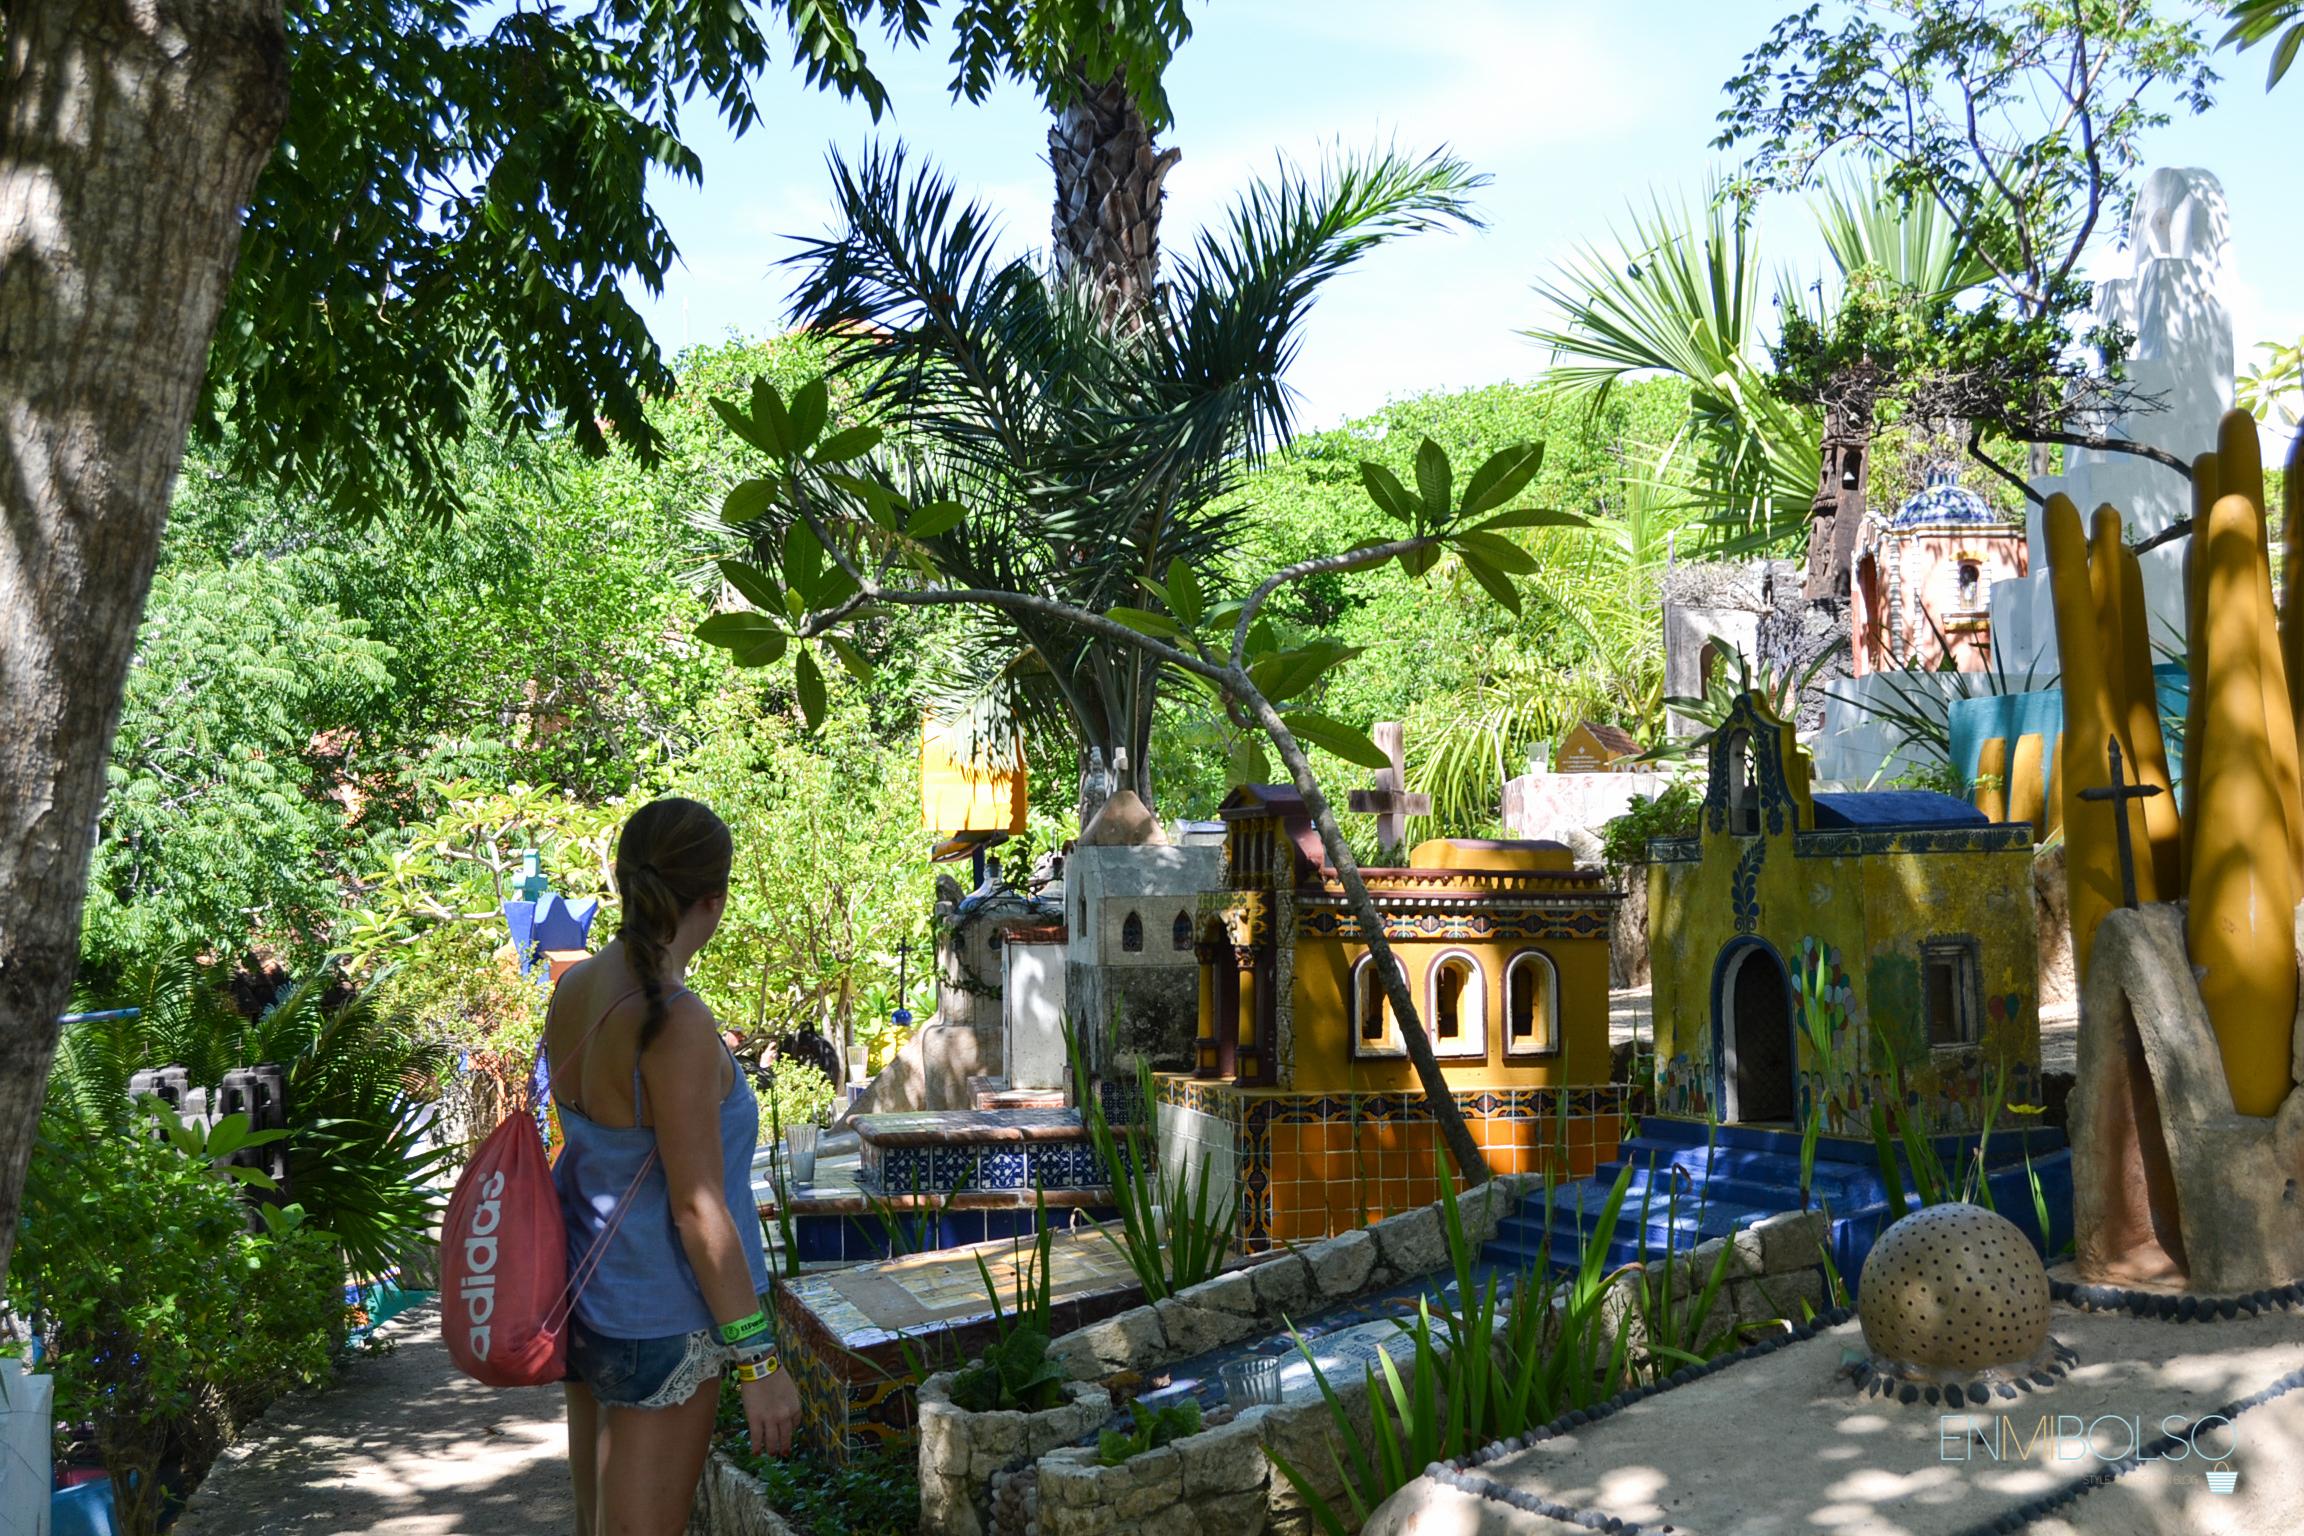 Xcaret-cementerio-enmibolso